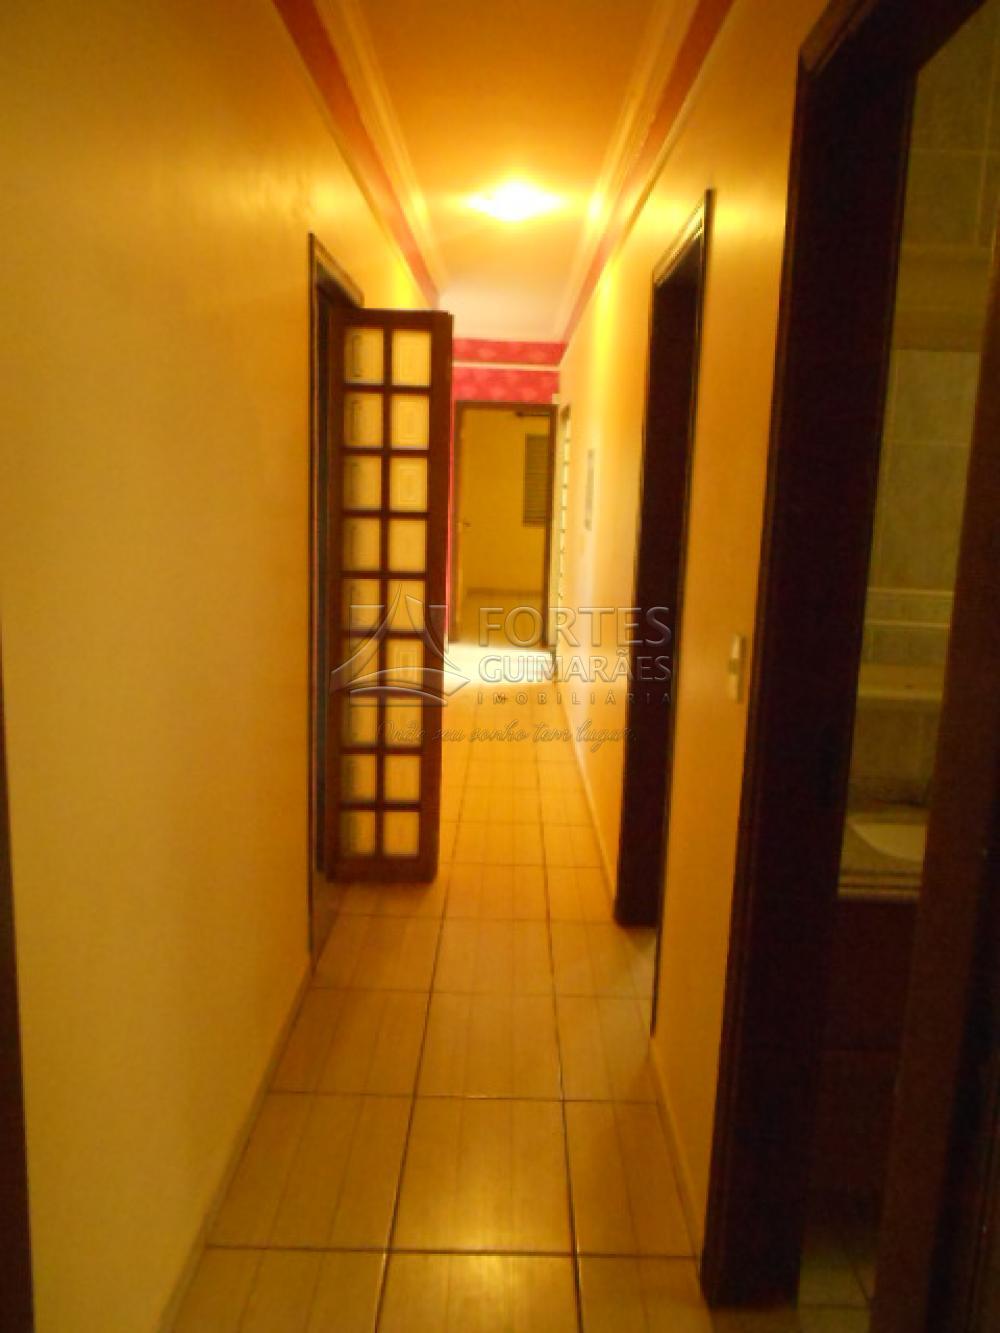 Alugar Casas / Padrão em Ribeirão Preto apenas R$ 1.500,00 - Foto 16